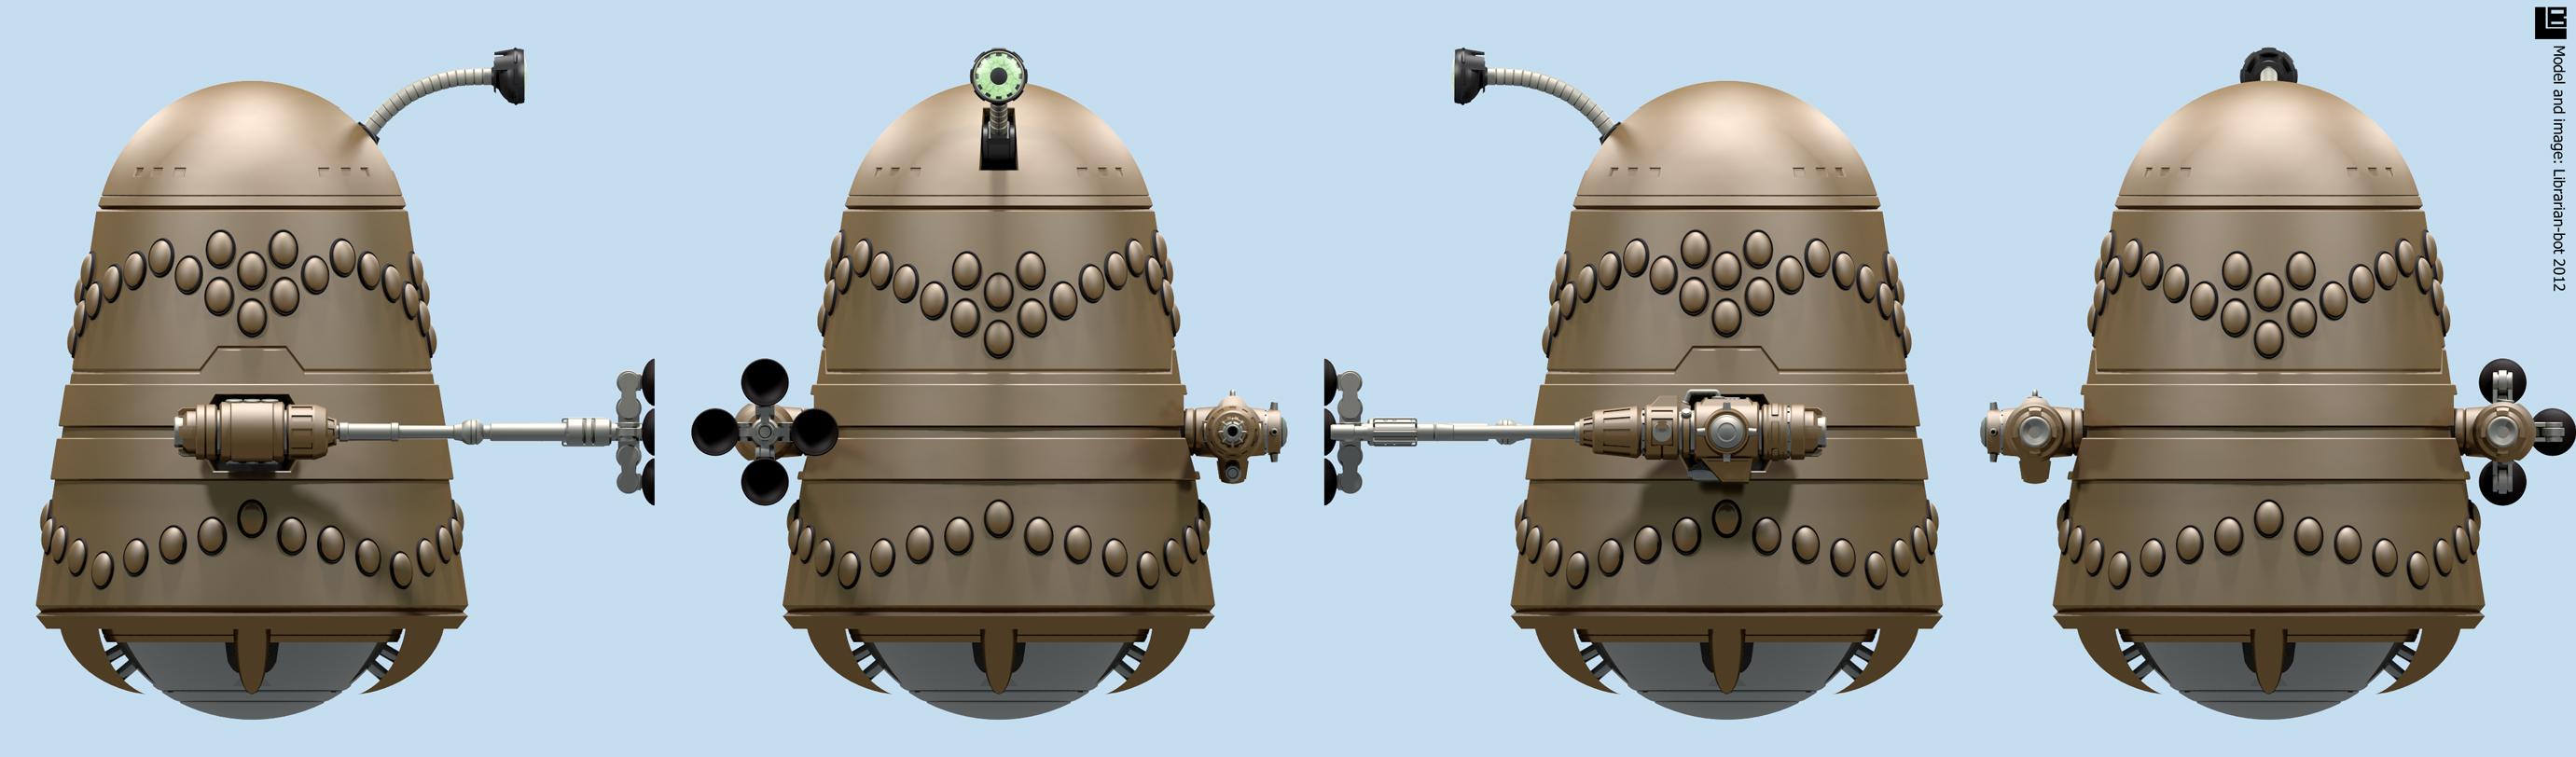 Hayakawa Golden Dalek by Librarian-bot